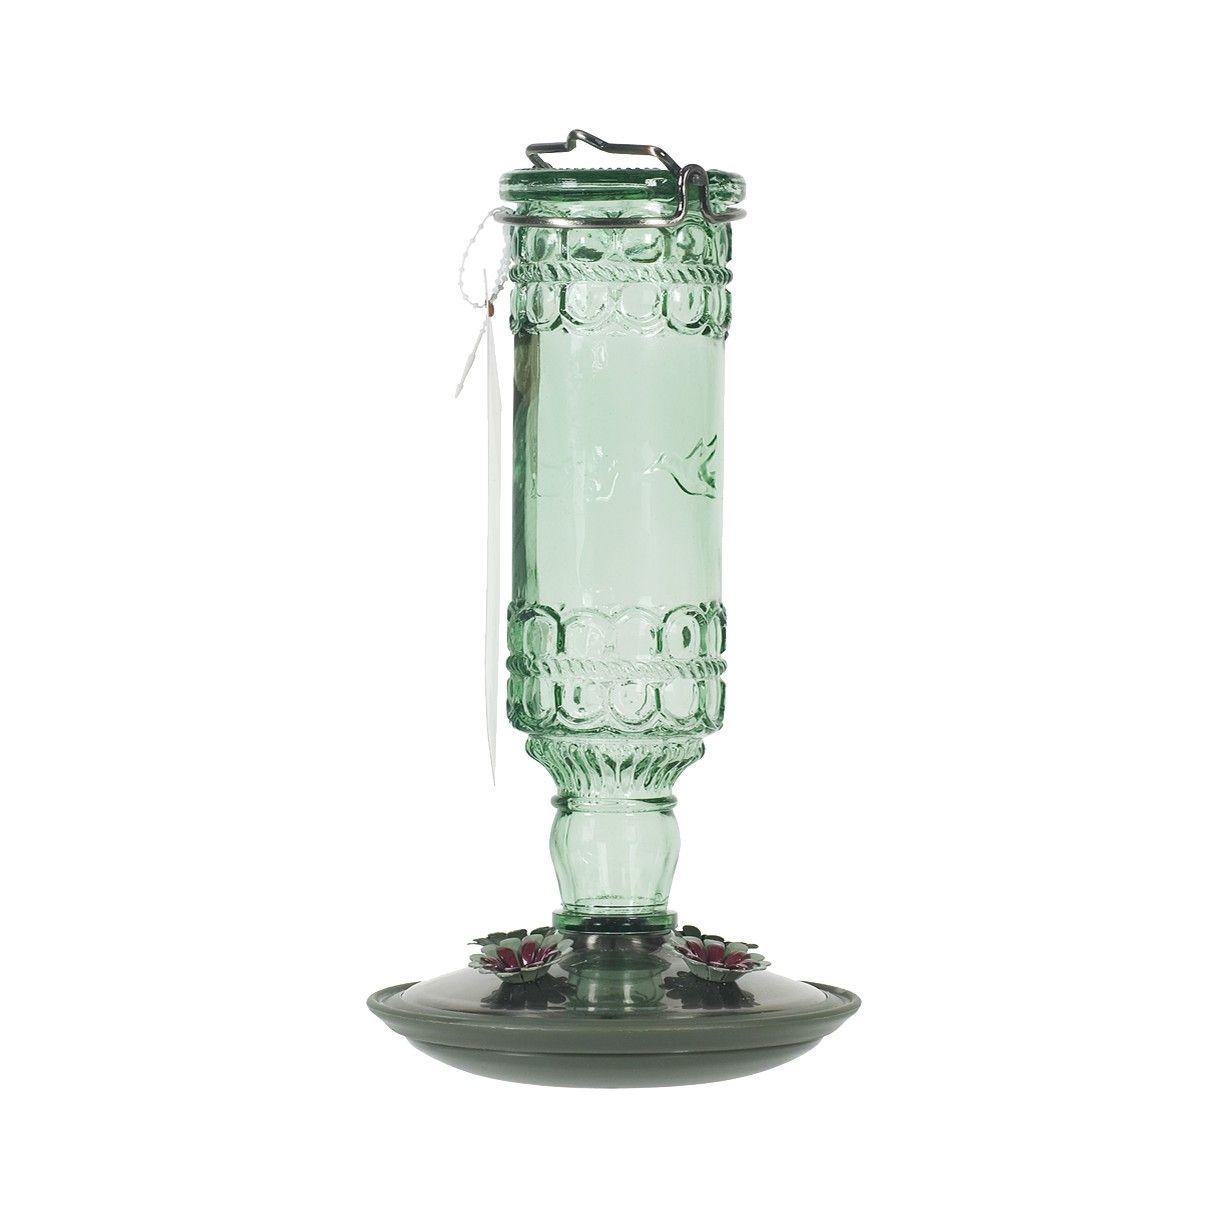 Antique Hummingbird Feeder Green Glass hummingbird